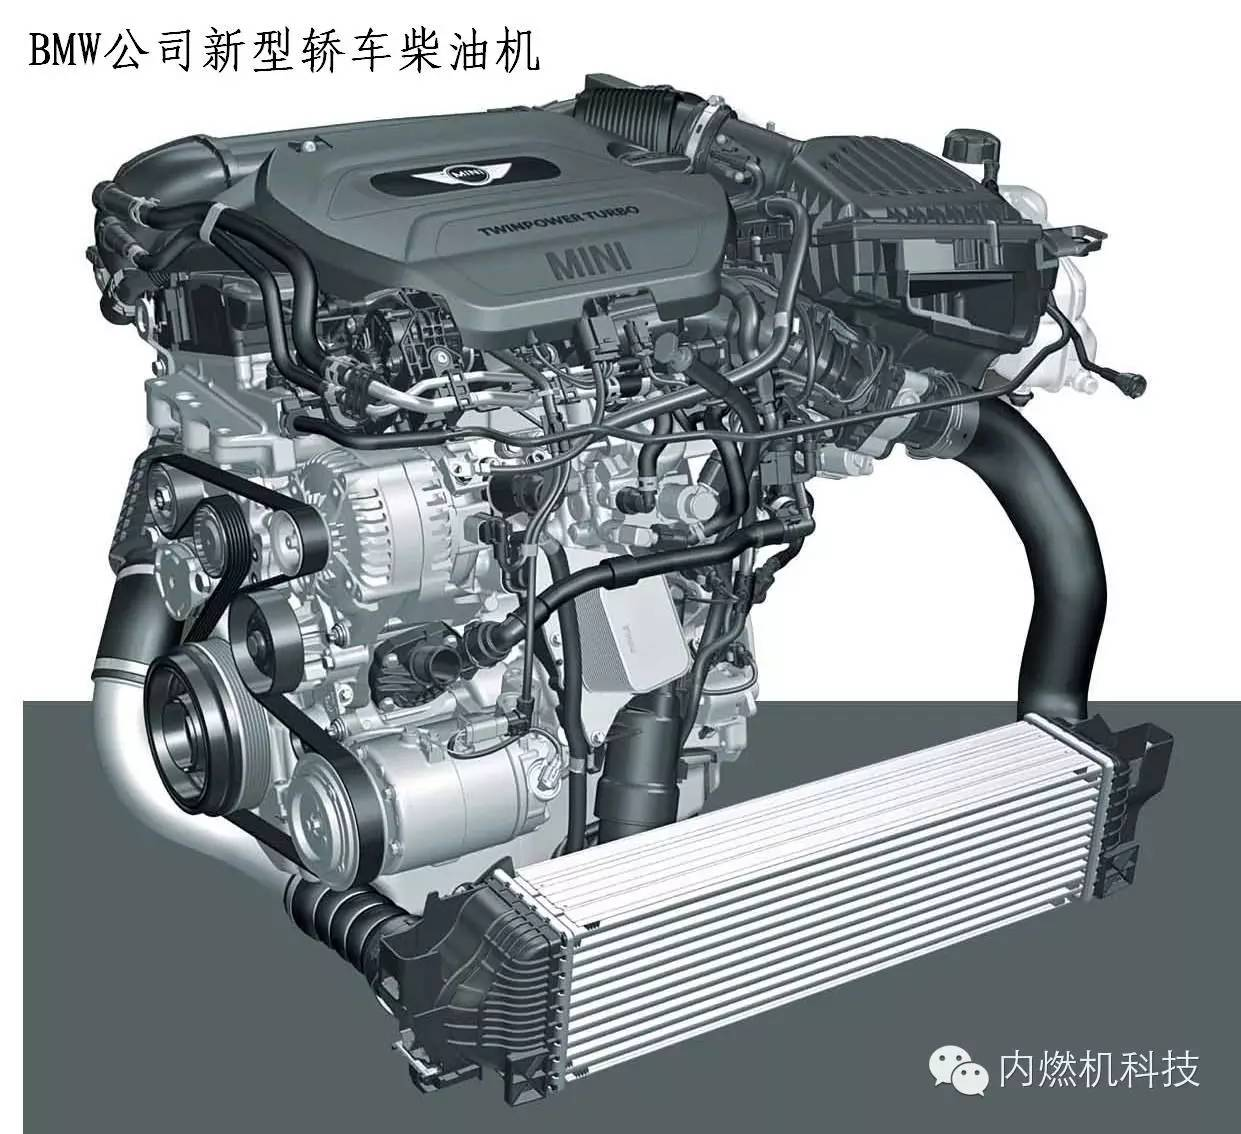 关于BMW公司新型3缸和4缸轿车柴油性能分析